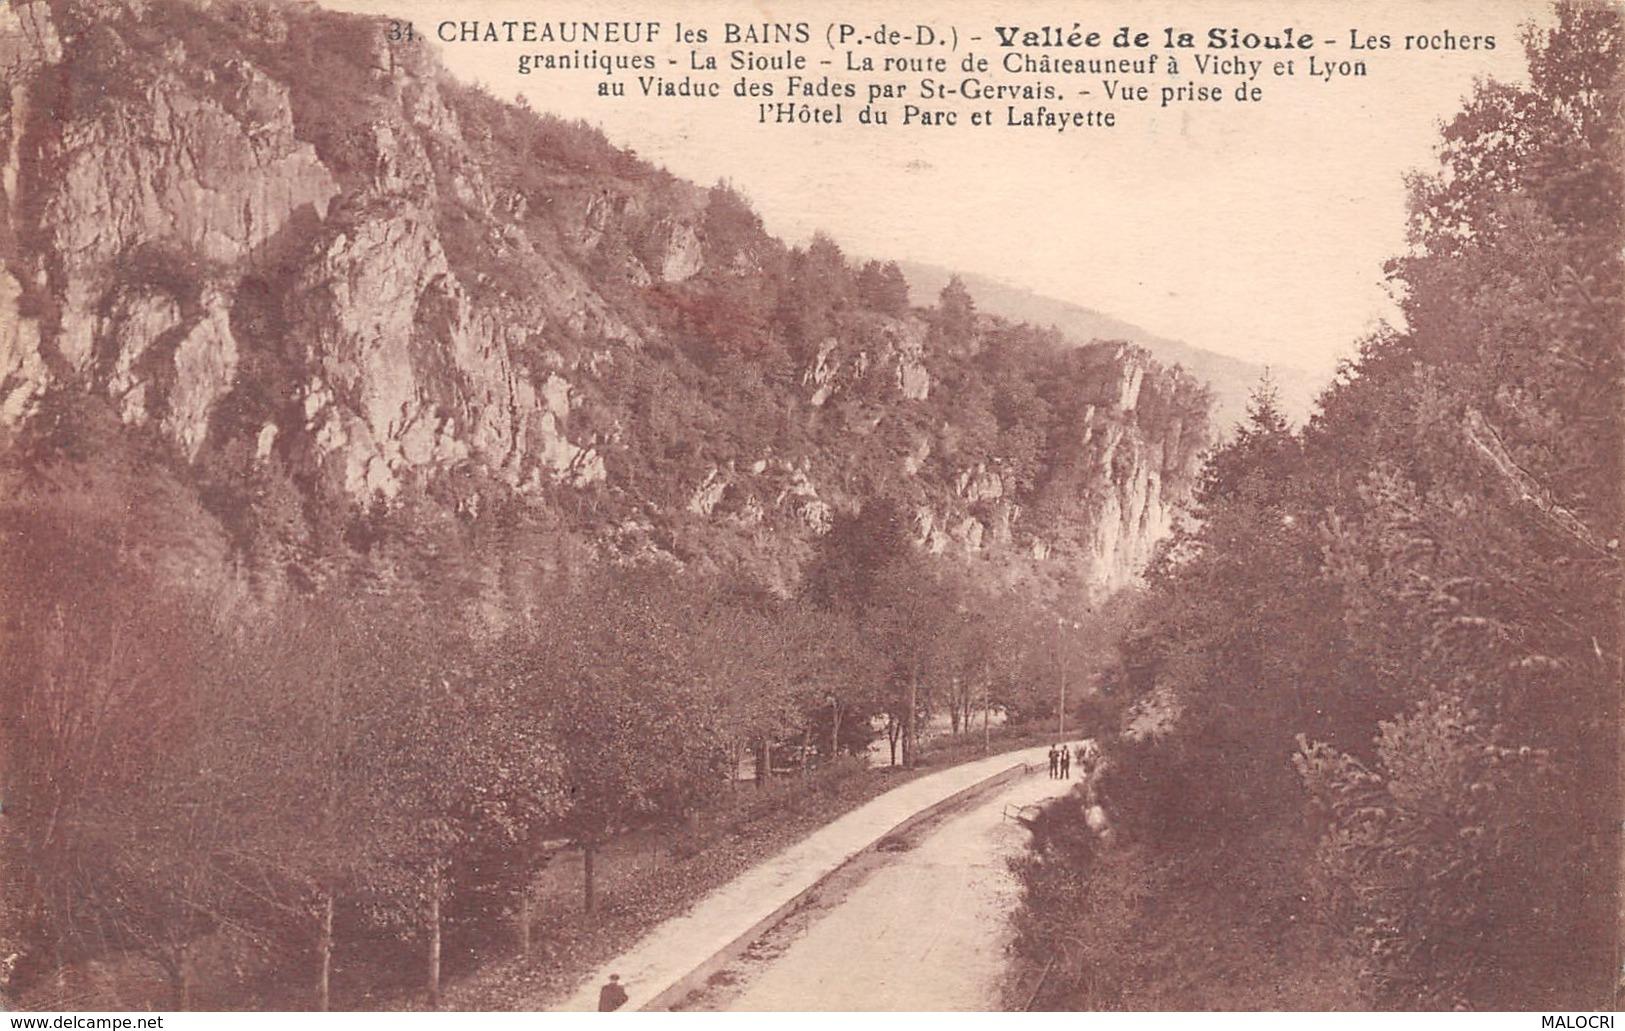 63-CHATEAUNEUF LES BAINS-N°1200-B/0323 - Autres Communes